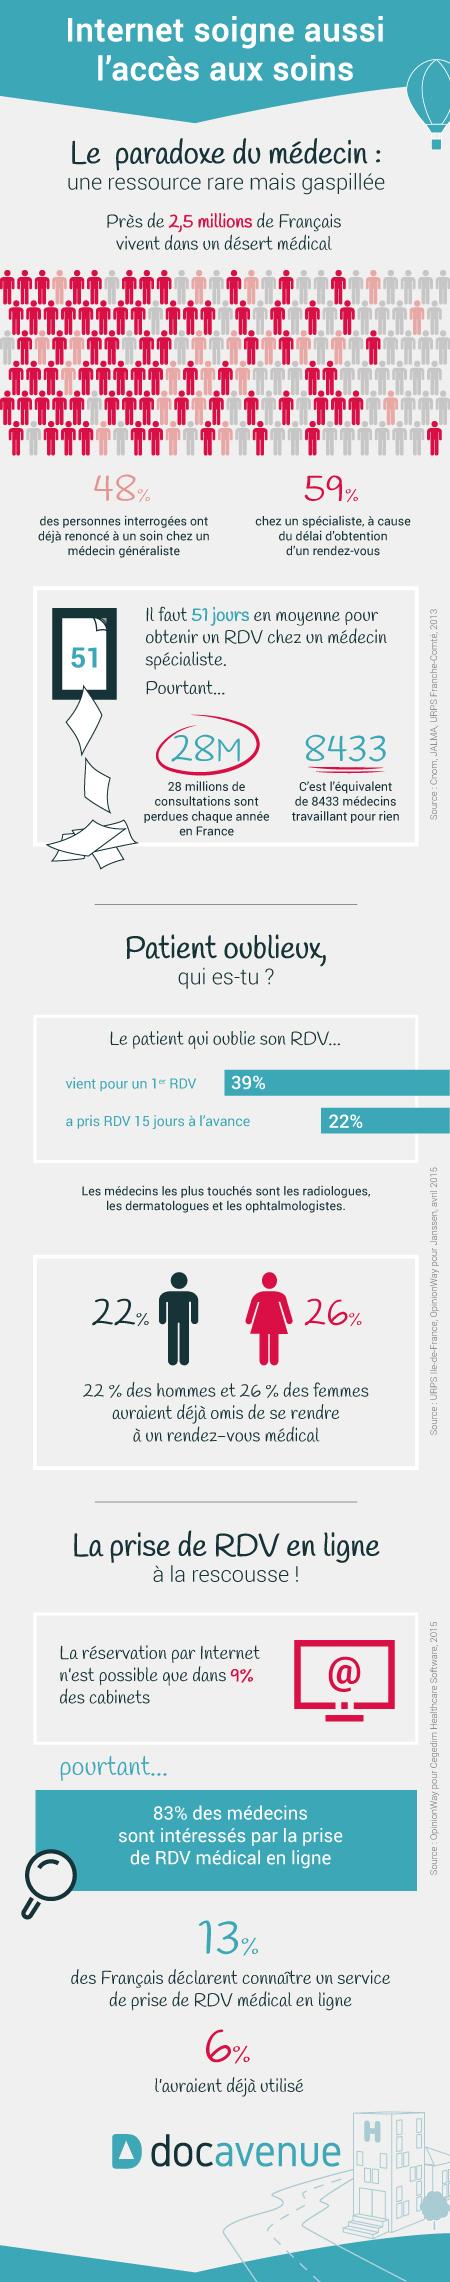 Infographie : Internet soigne aussi l'accès au soin